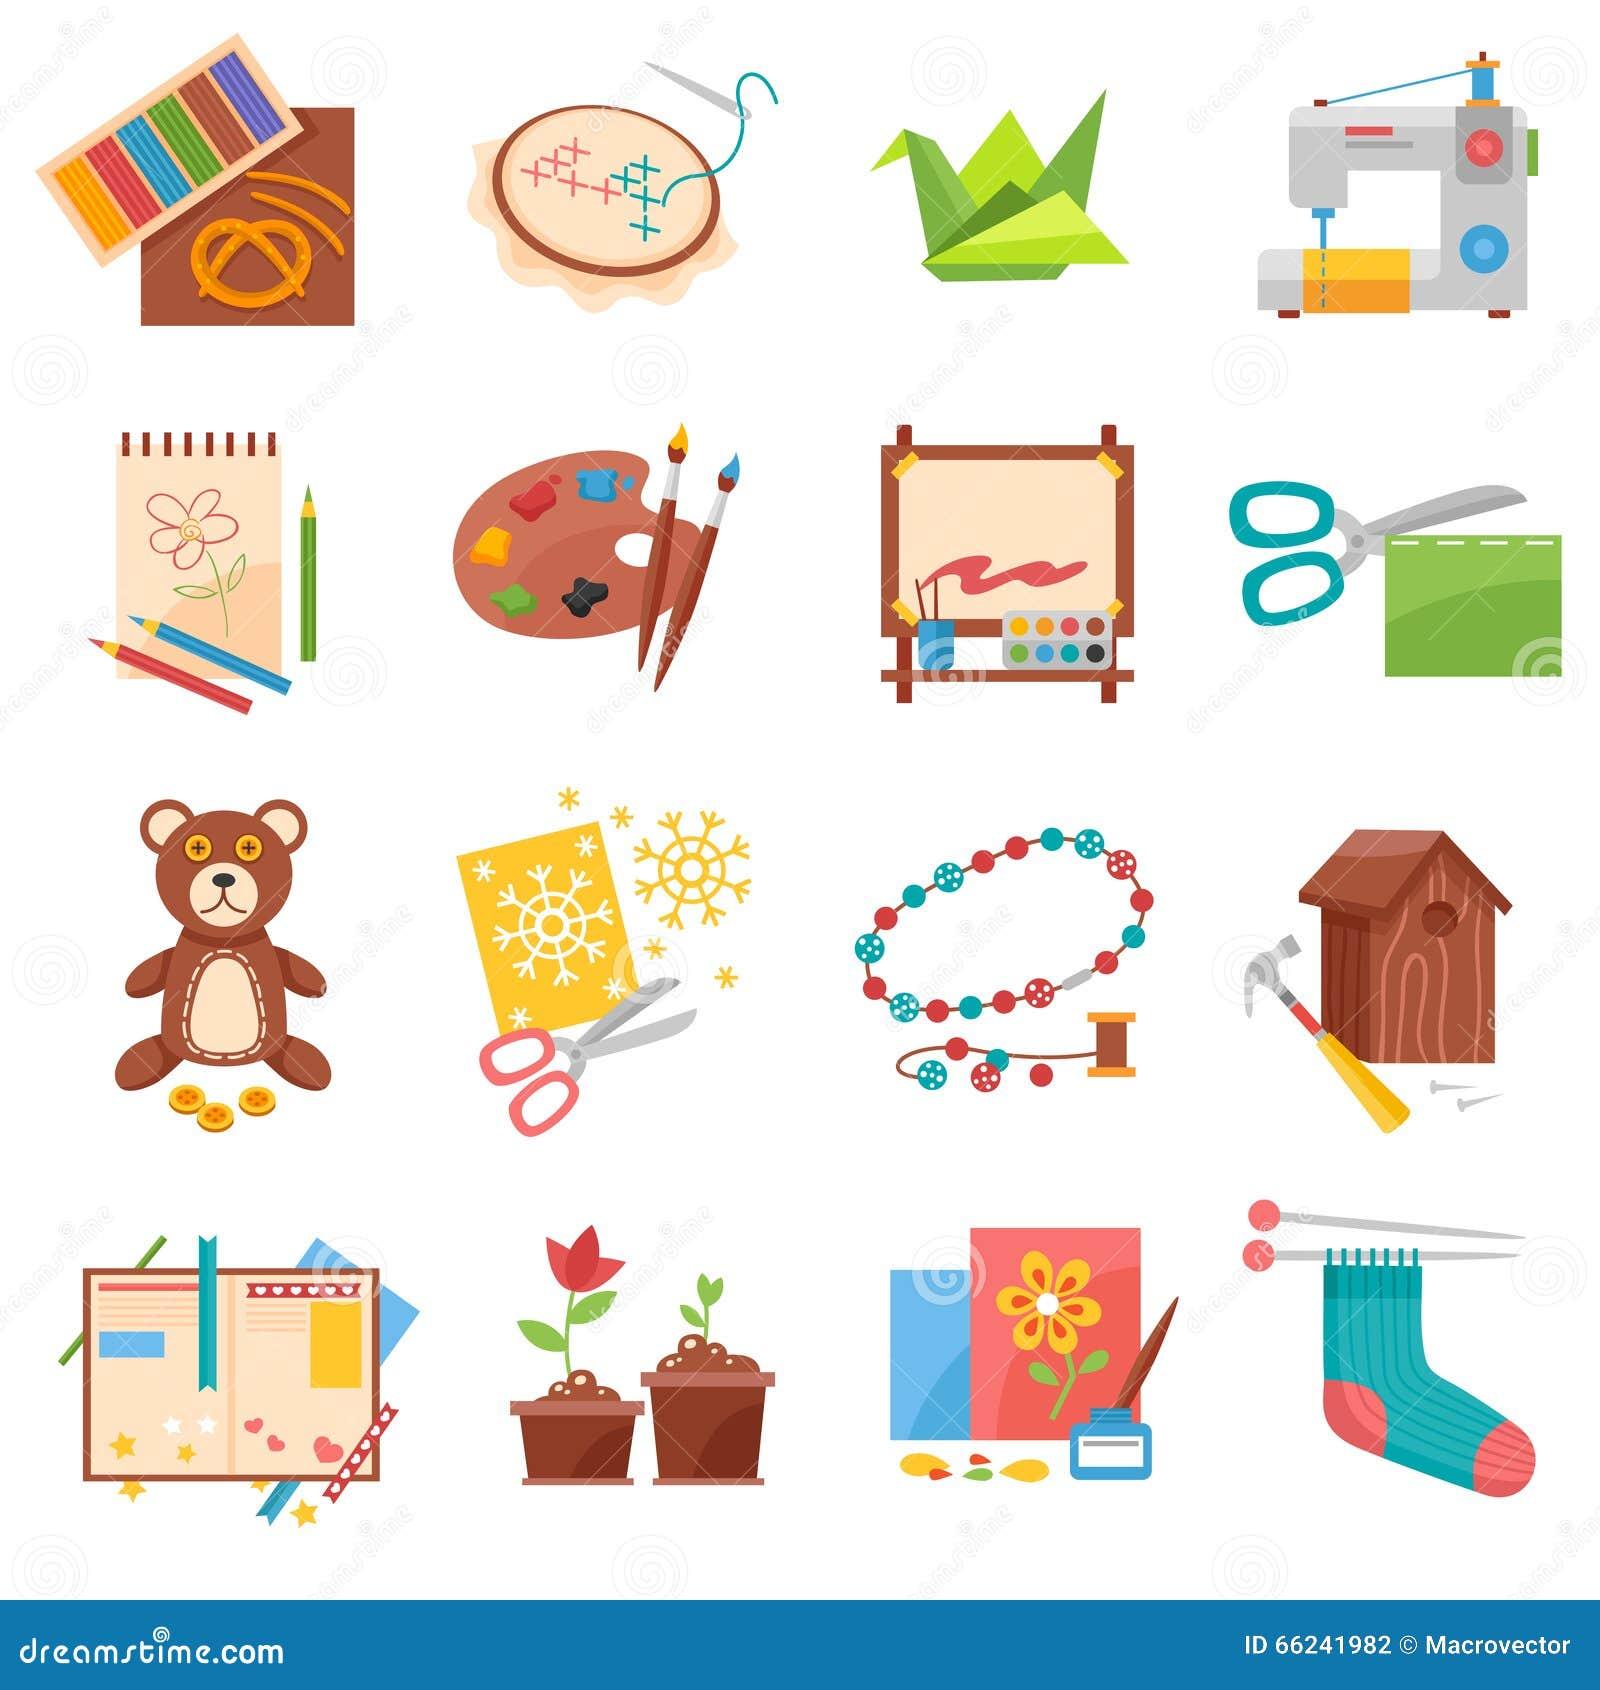 Knitting Logo Design